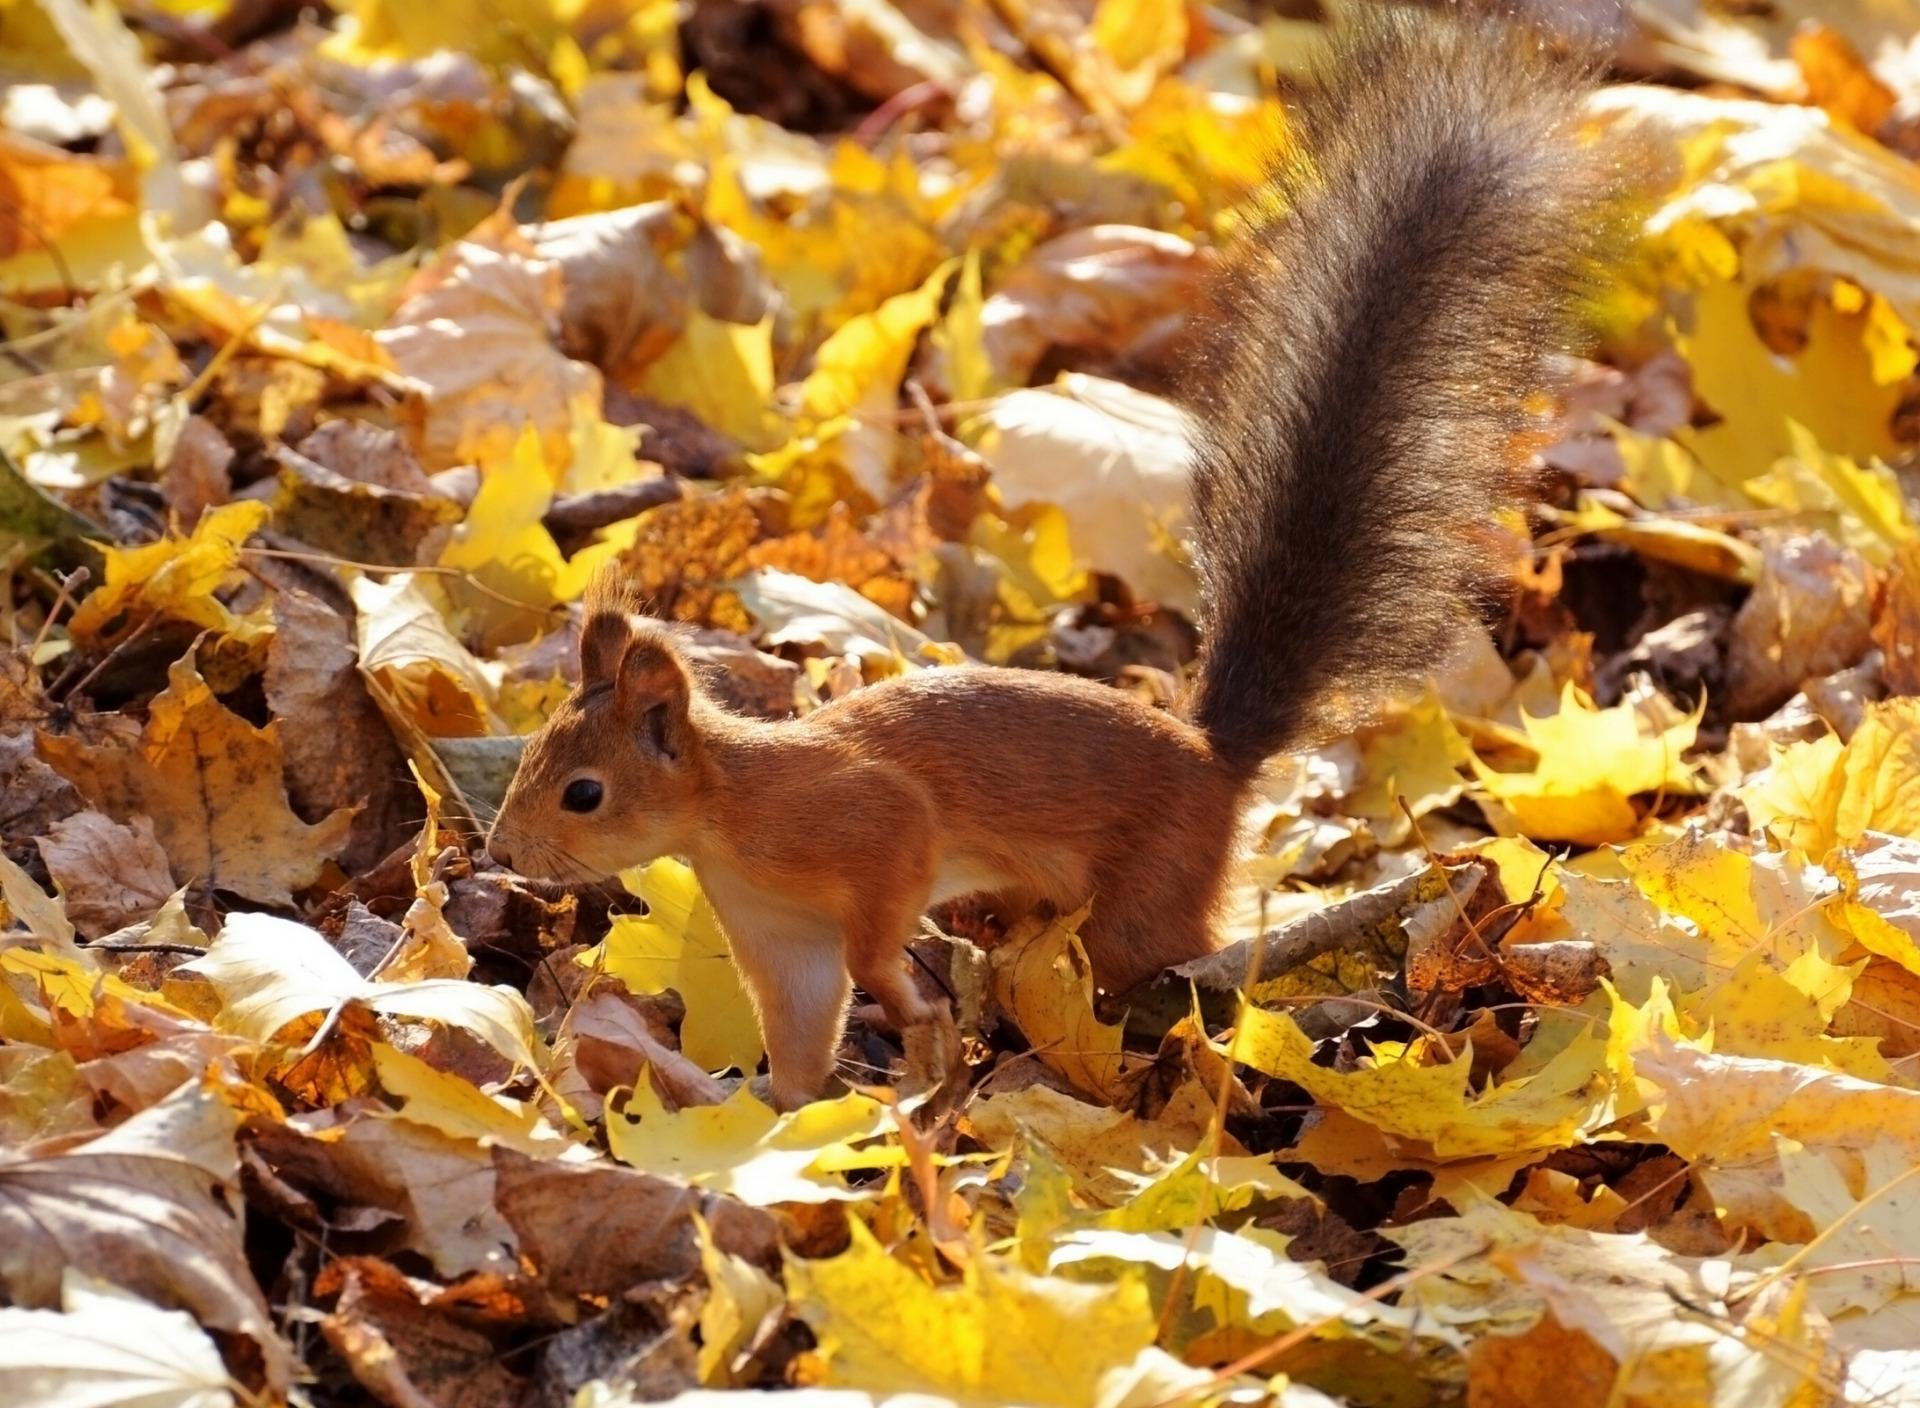 красотка, осень в жизни животных картинки три хлеба испеклись